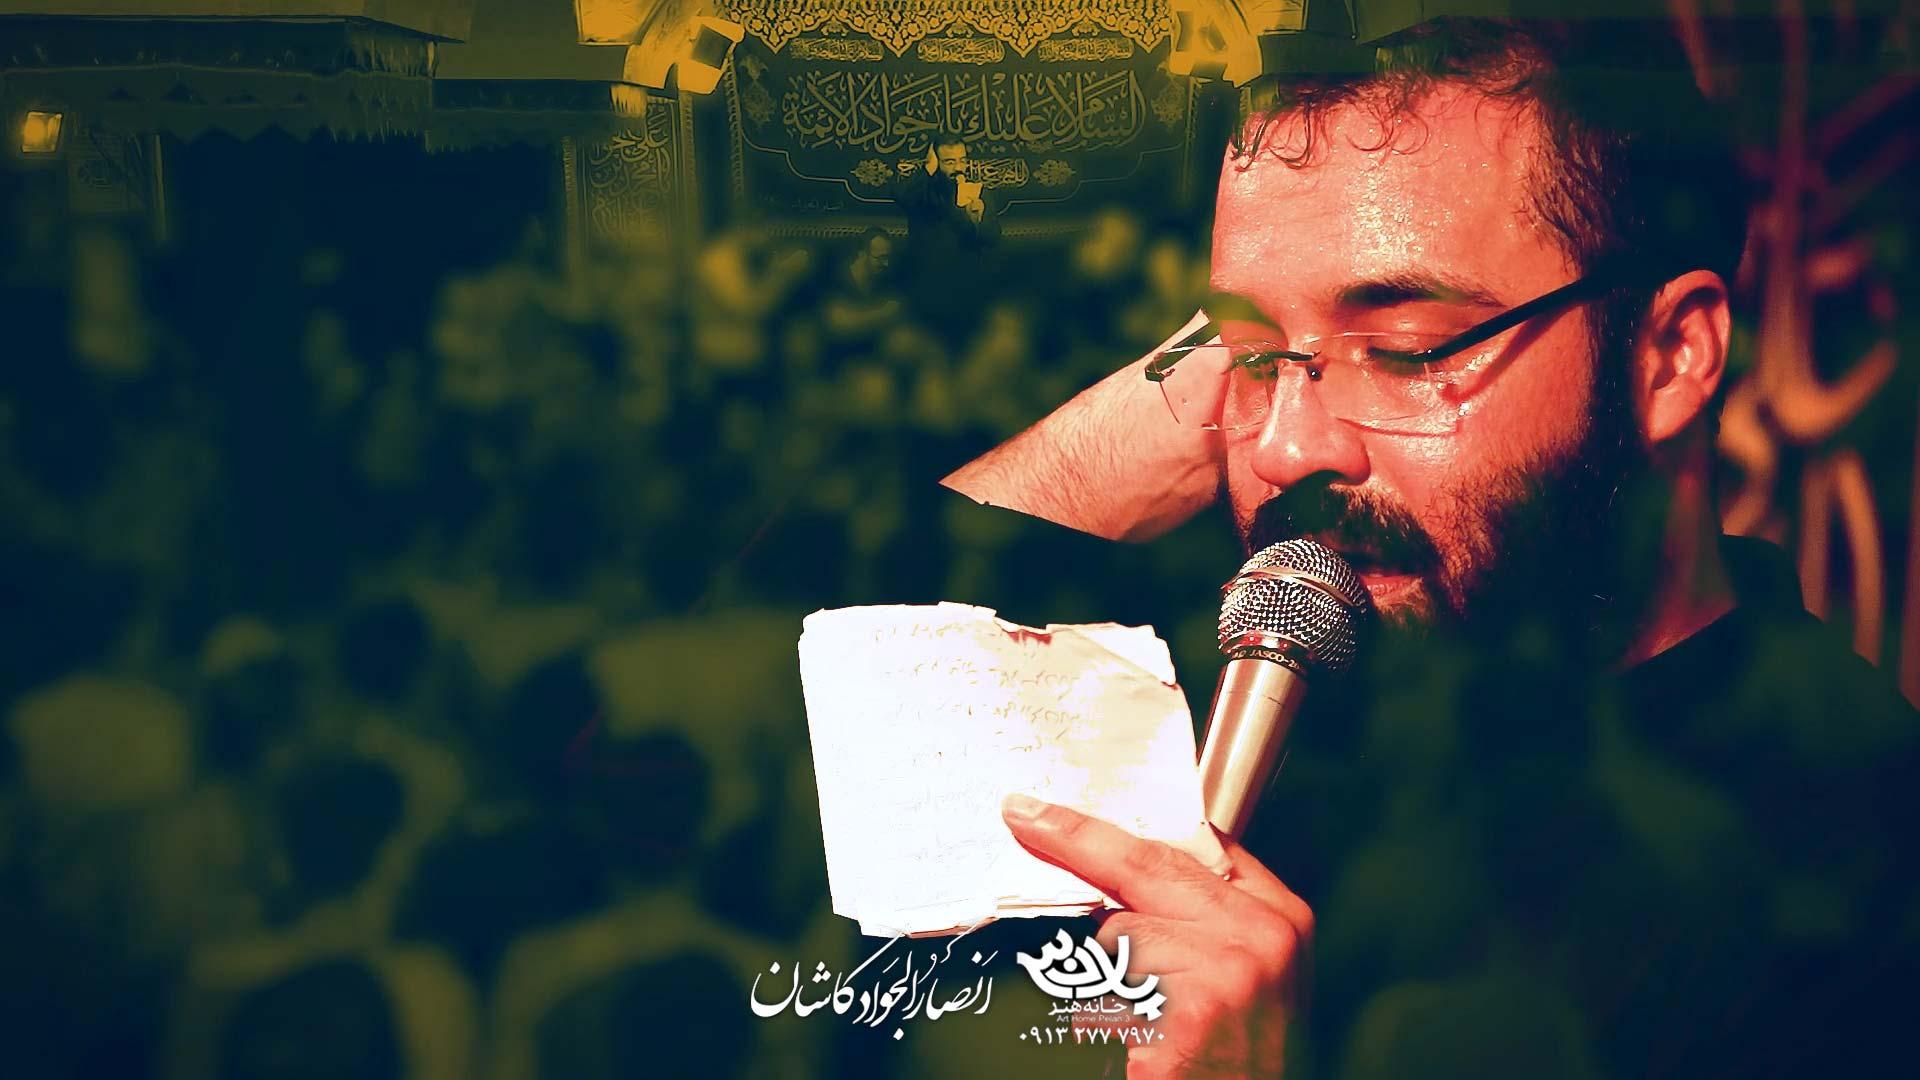 سلام عصمت الله کبری عبدالرضا هلالی